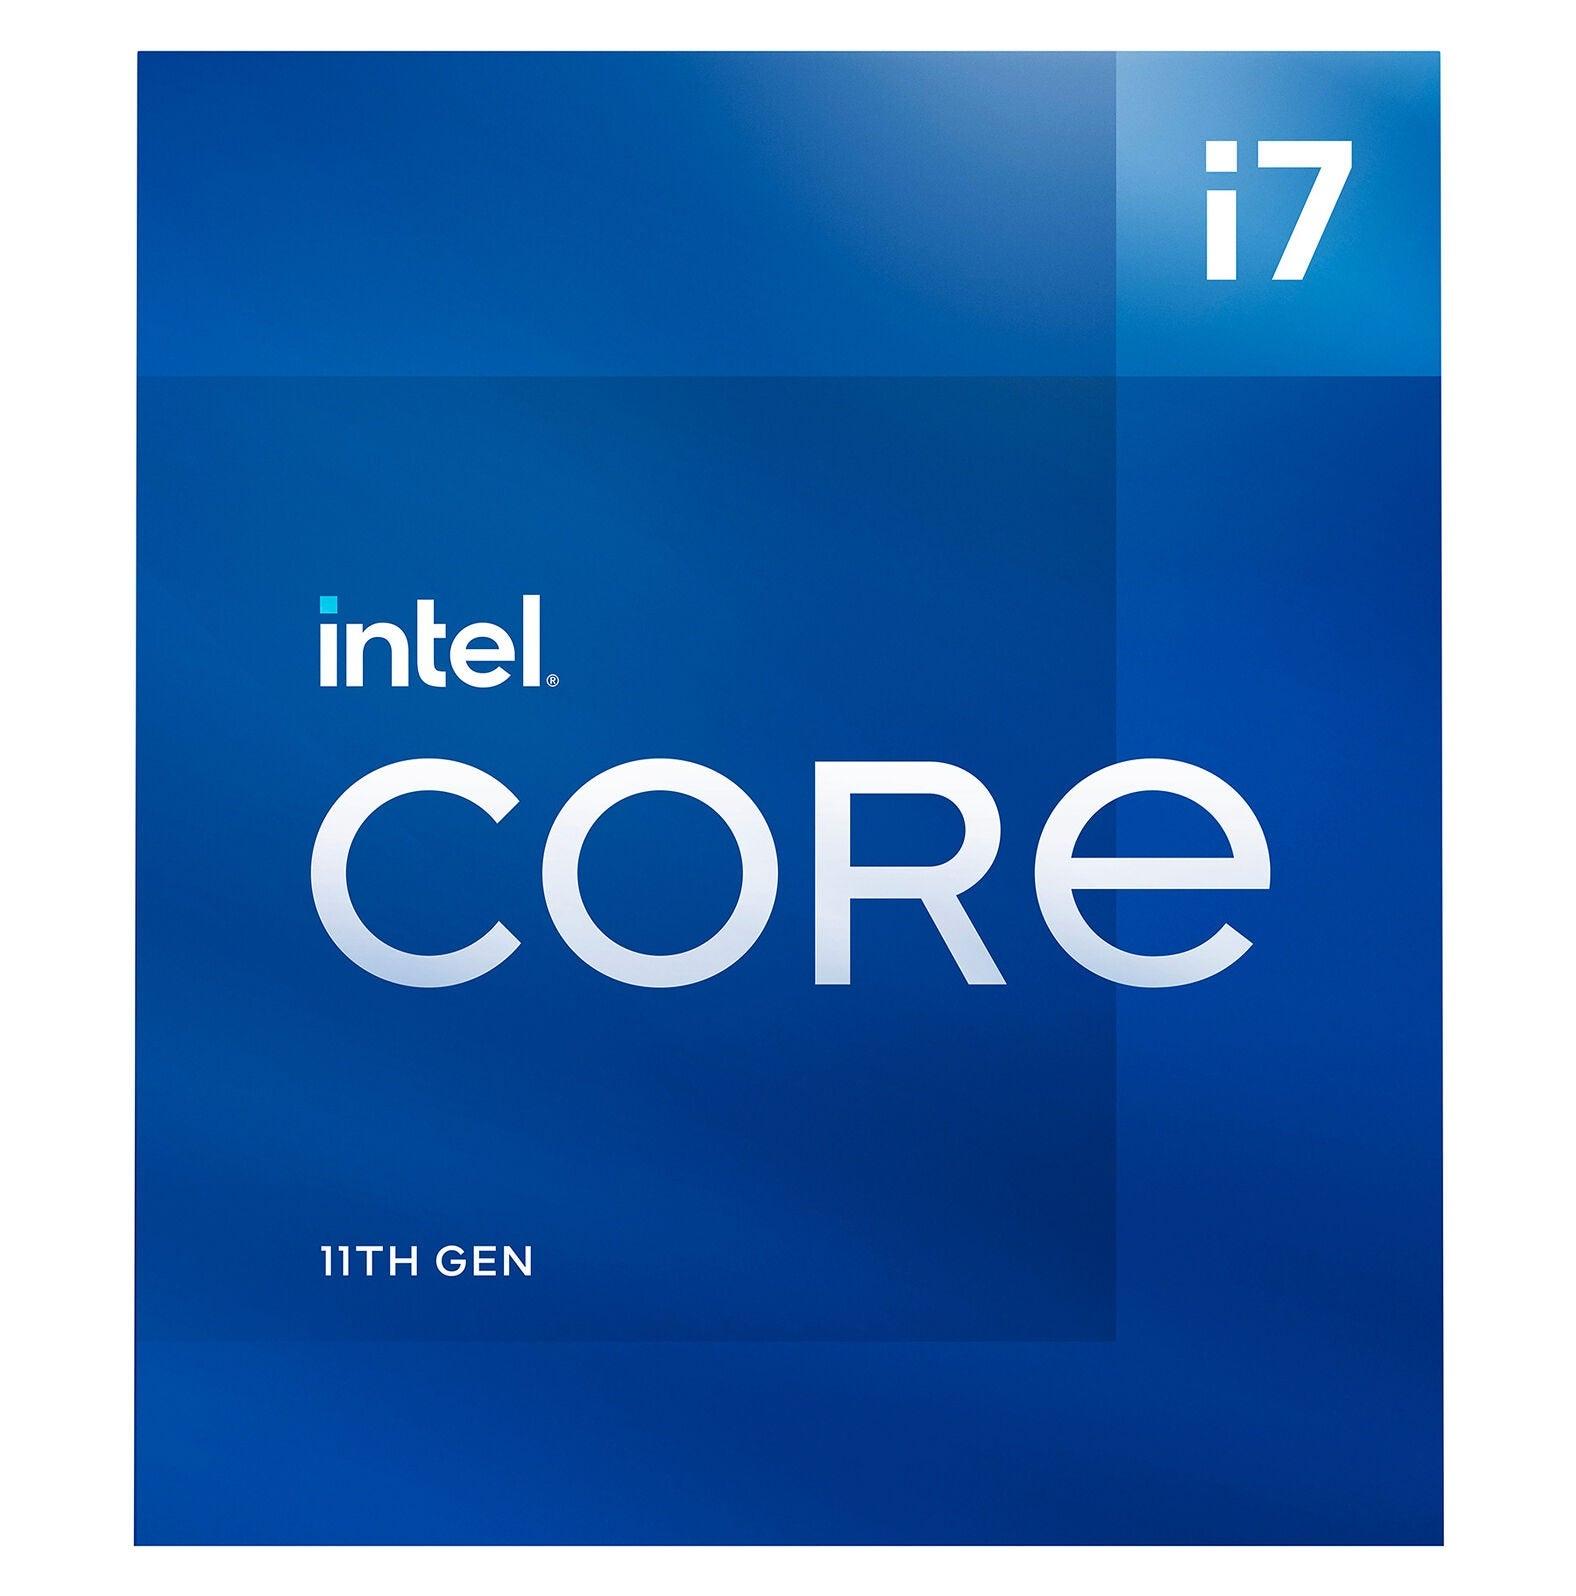 Intel Core i7 11700 2.50GHz Processor